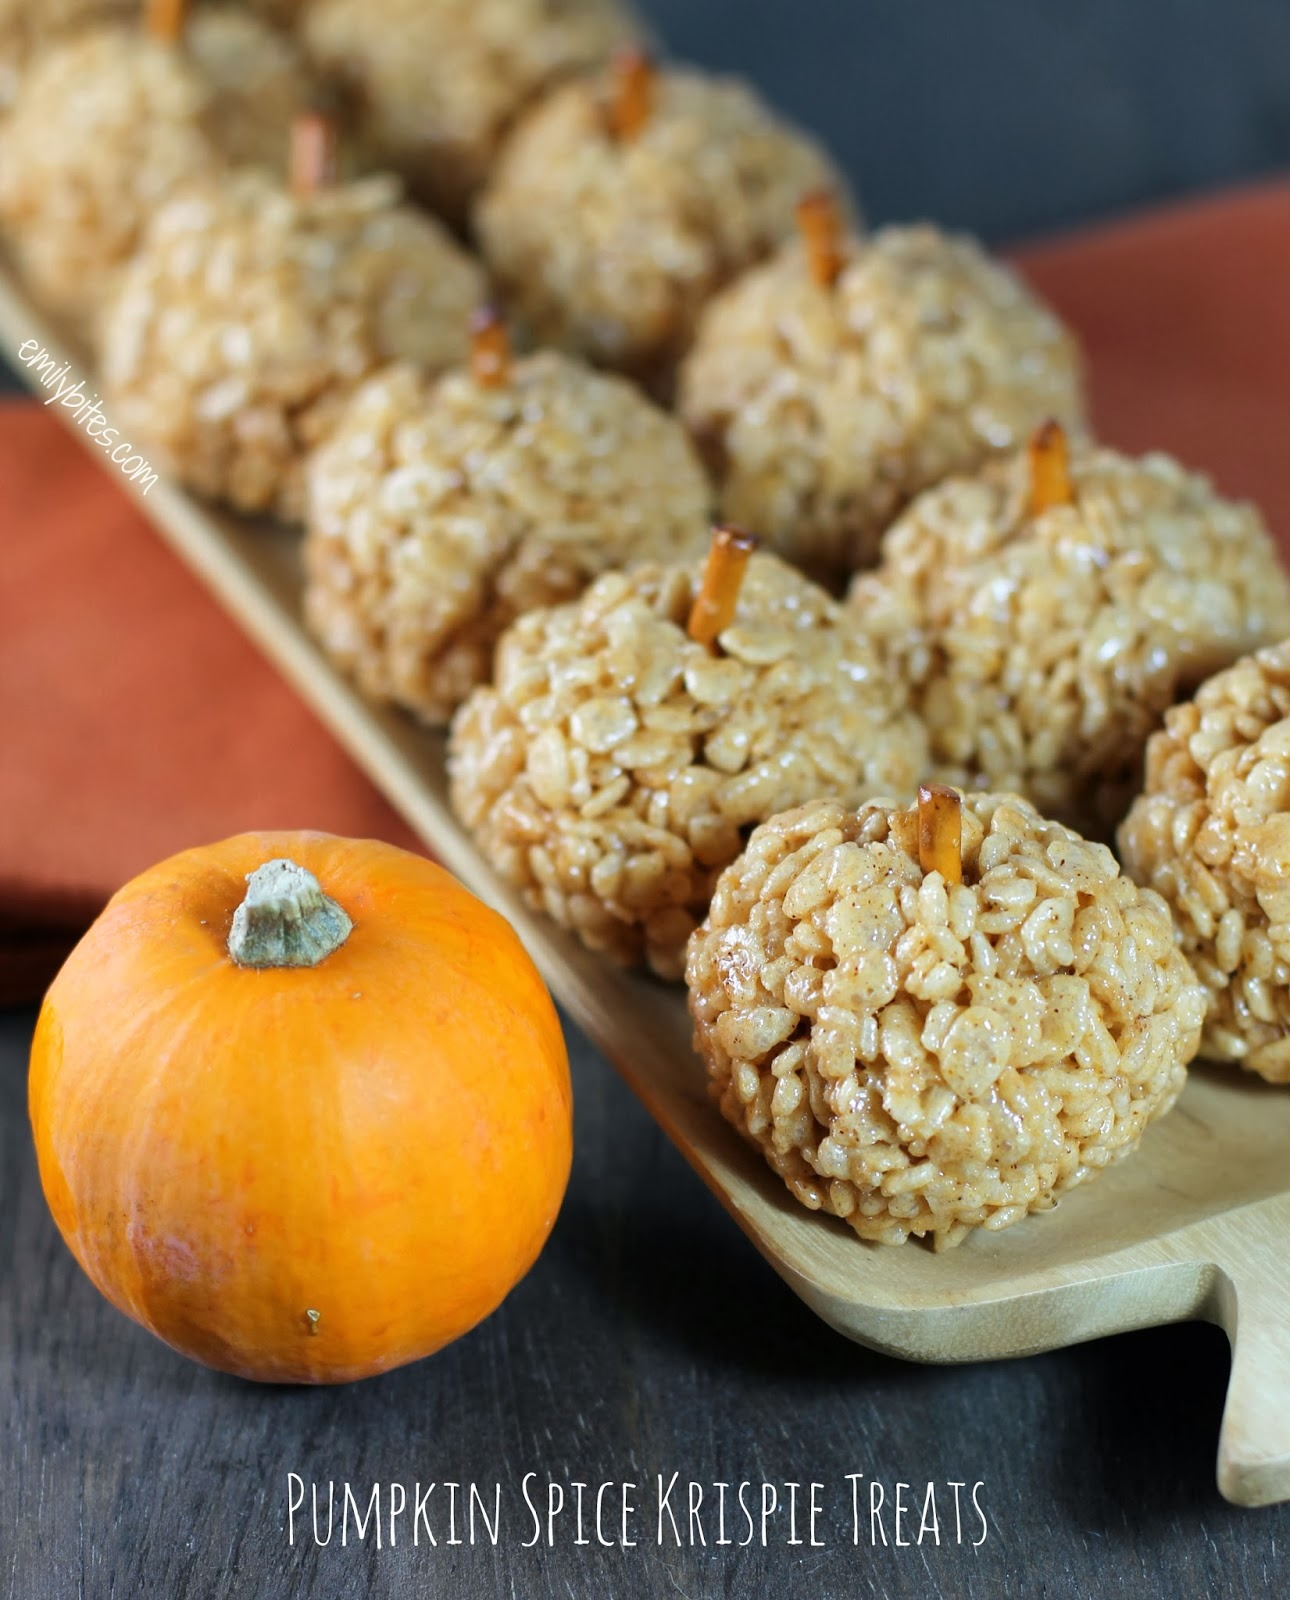 Pumpkin Spice Krispie Treats